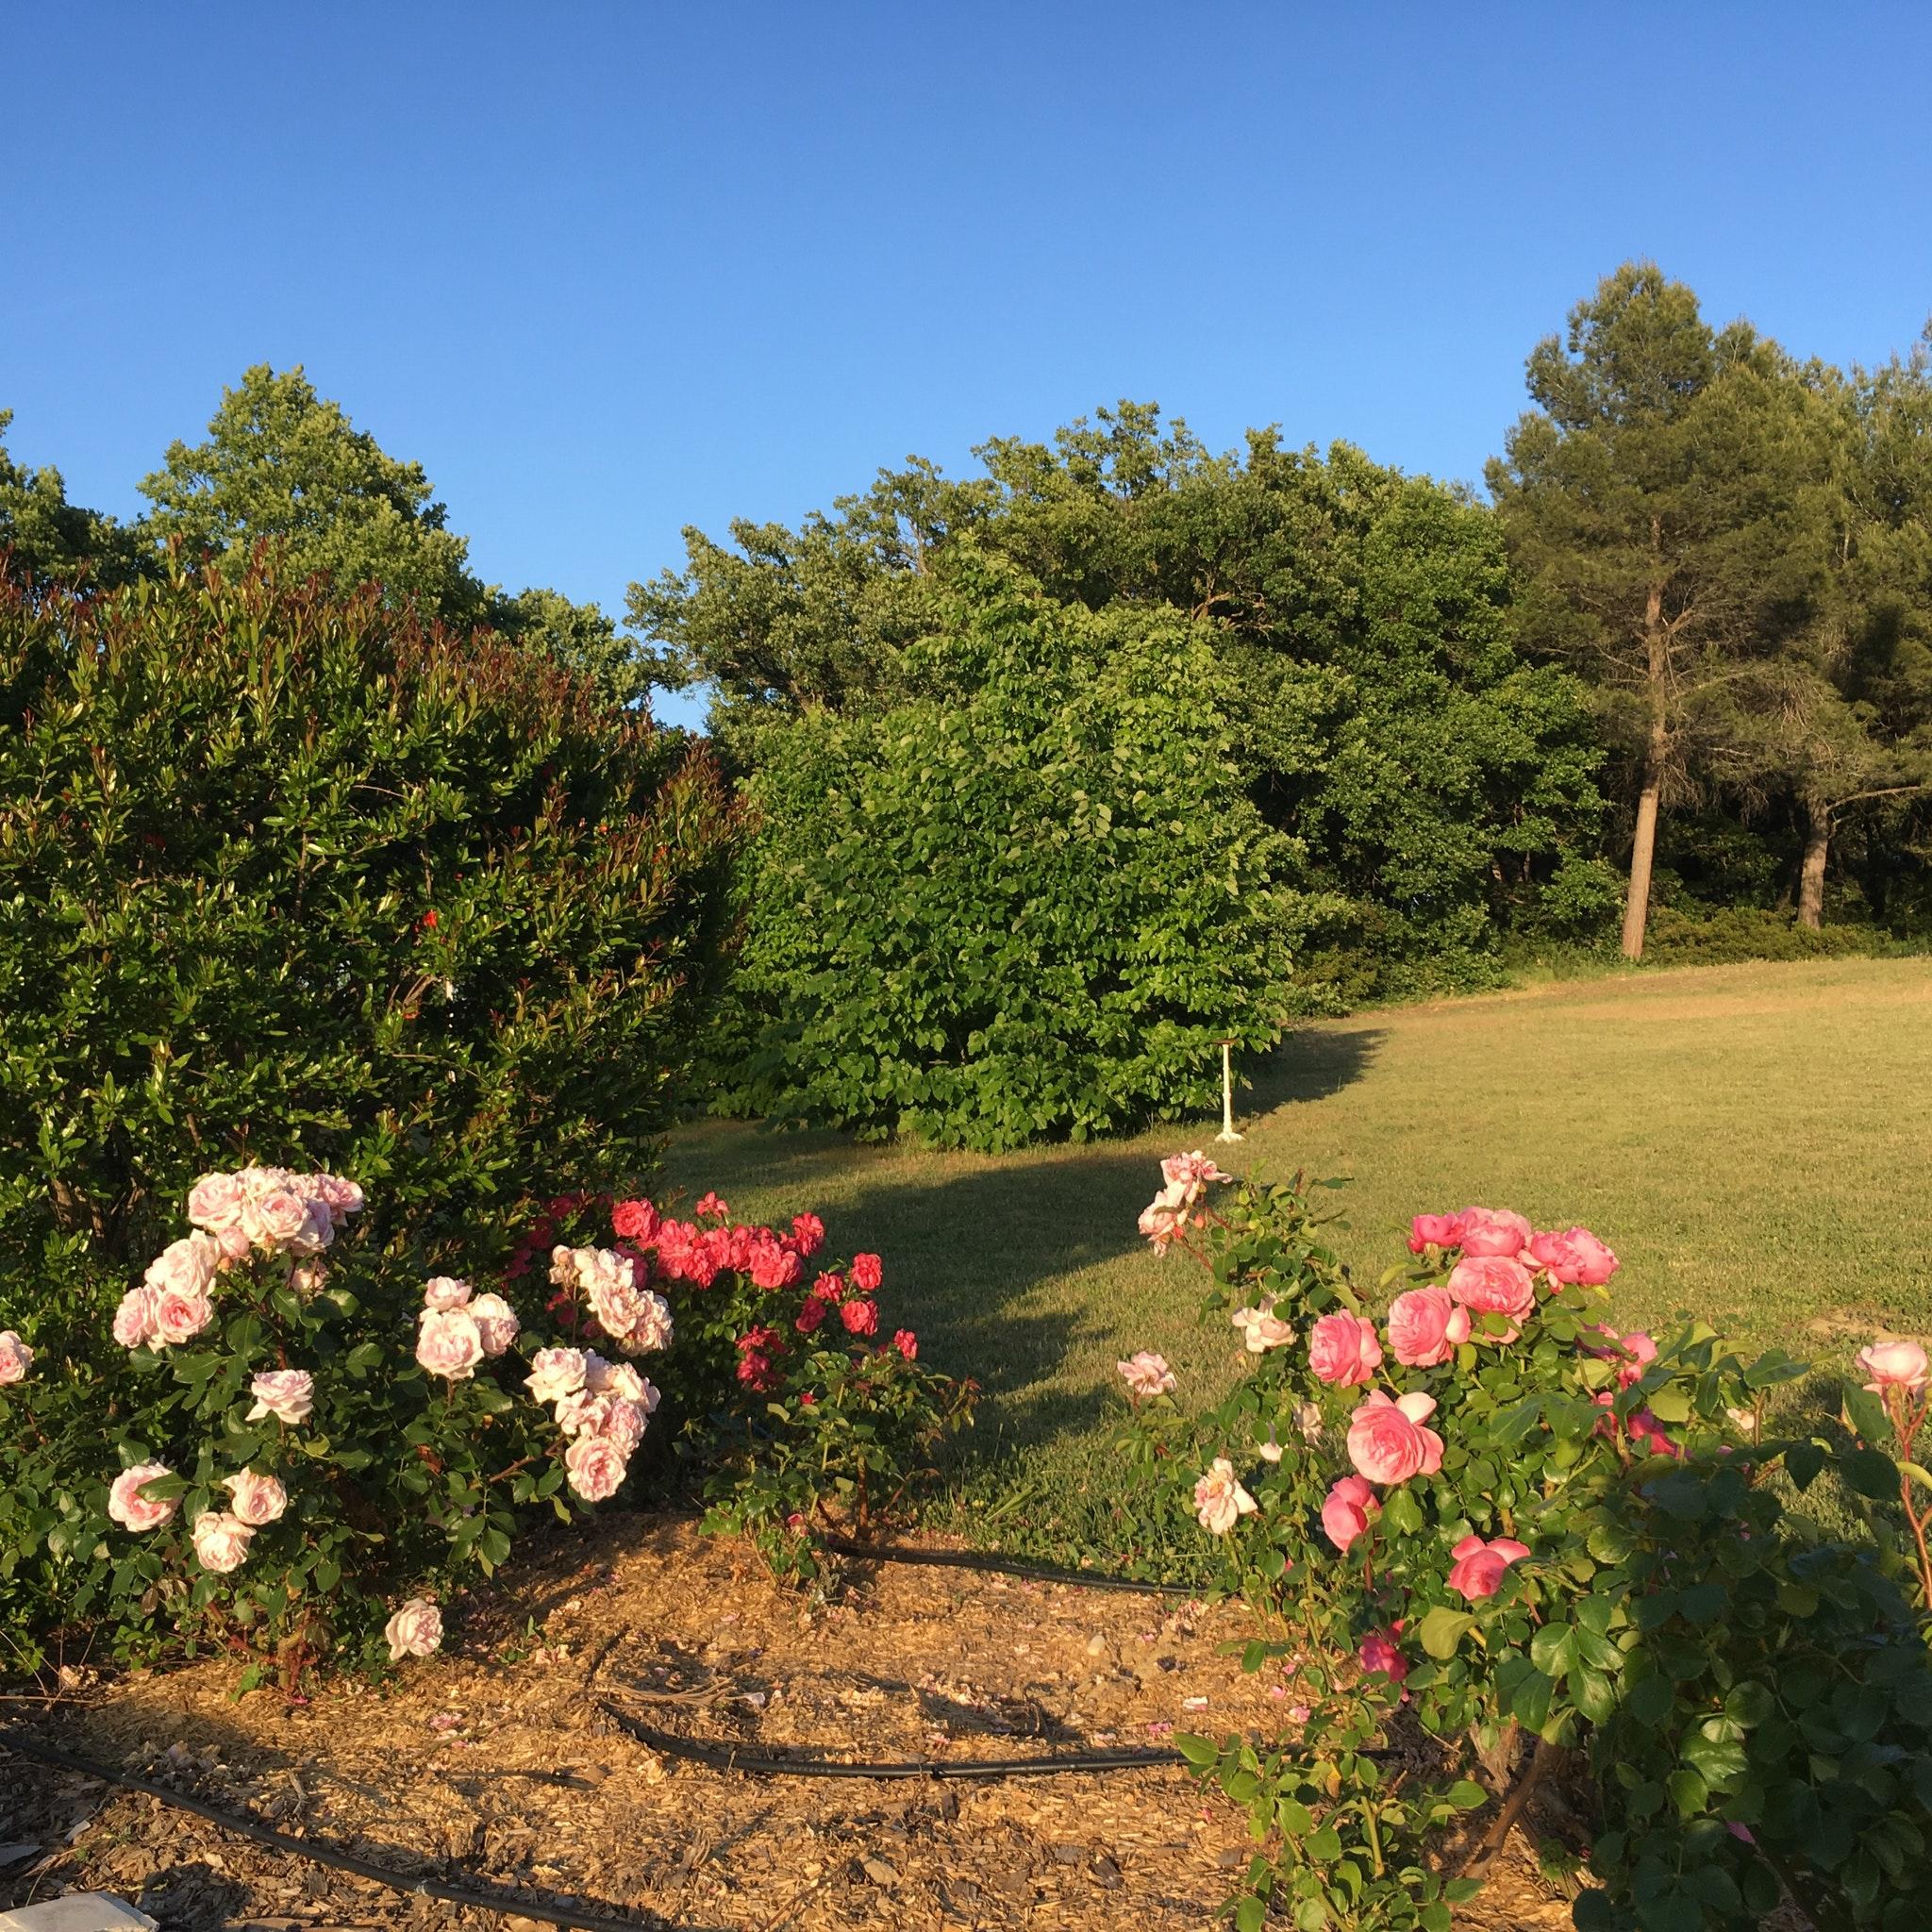 Ferienhaus Villa mit 4 Schlafzimmern in Pernes-les-Fontaines mit toller Aussicht auf die Berge, priva (2519446), Pernes les Fontaines, Saône-et-Loire, Burgund, Frankreich, Bild 6